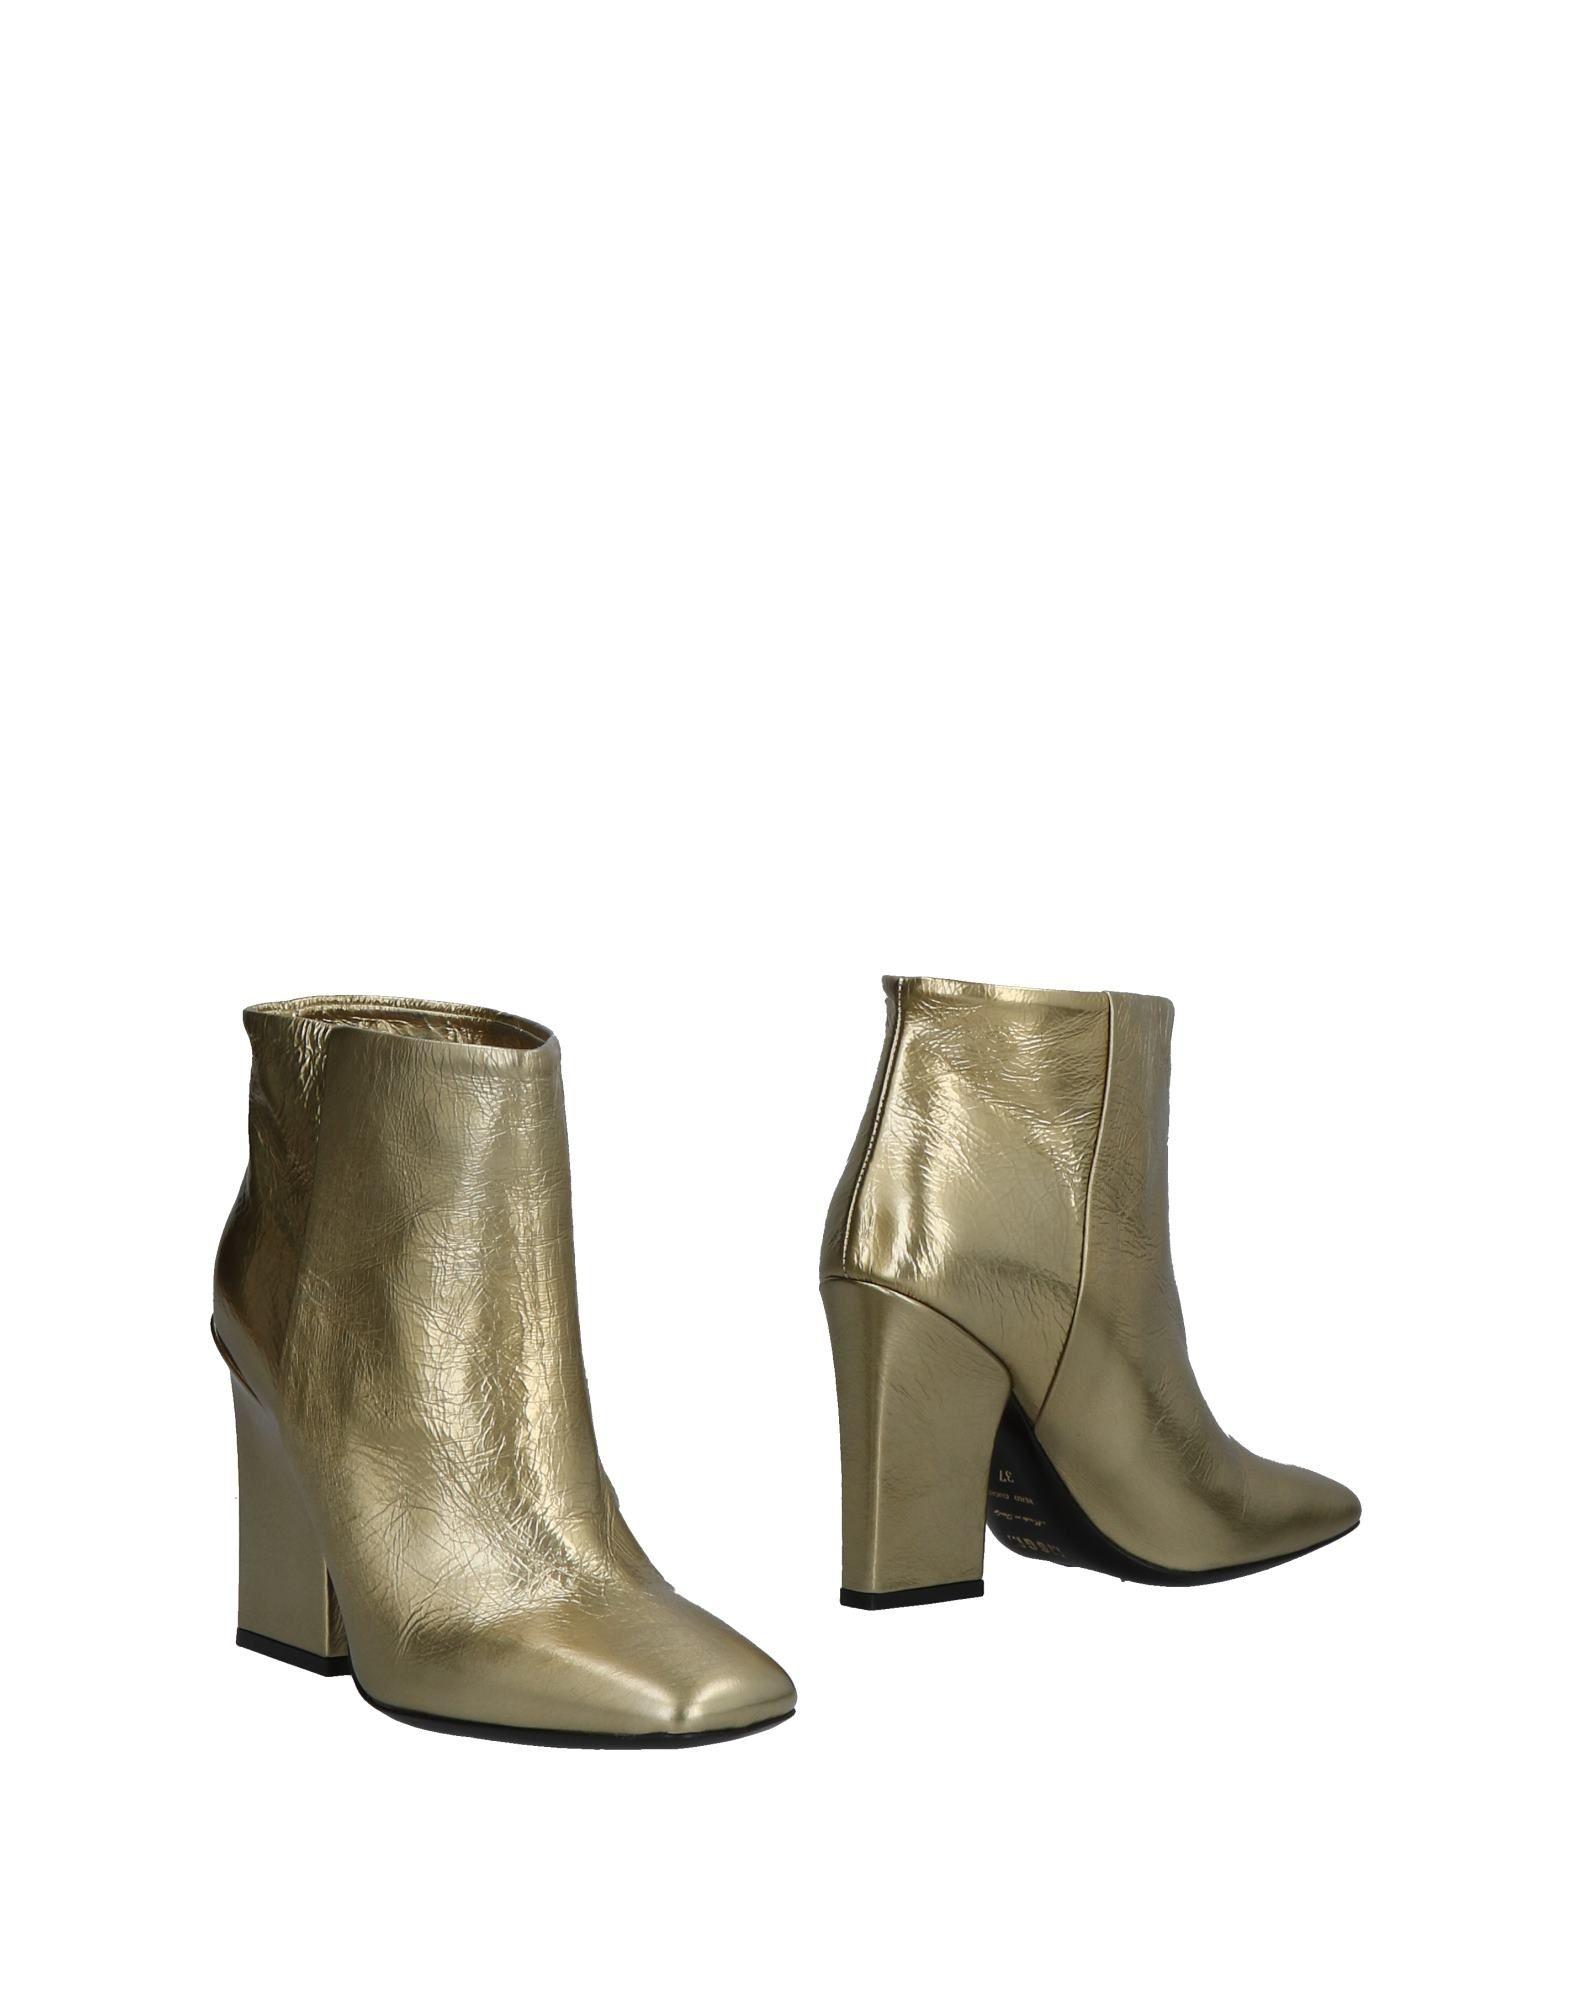 Bottine Msgm Femme - Bottines Msgm Bronze Nouvelles chaussures pour hommes et femmes, remise limitée dans le temps